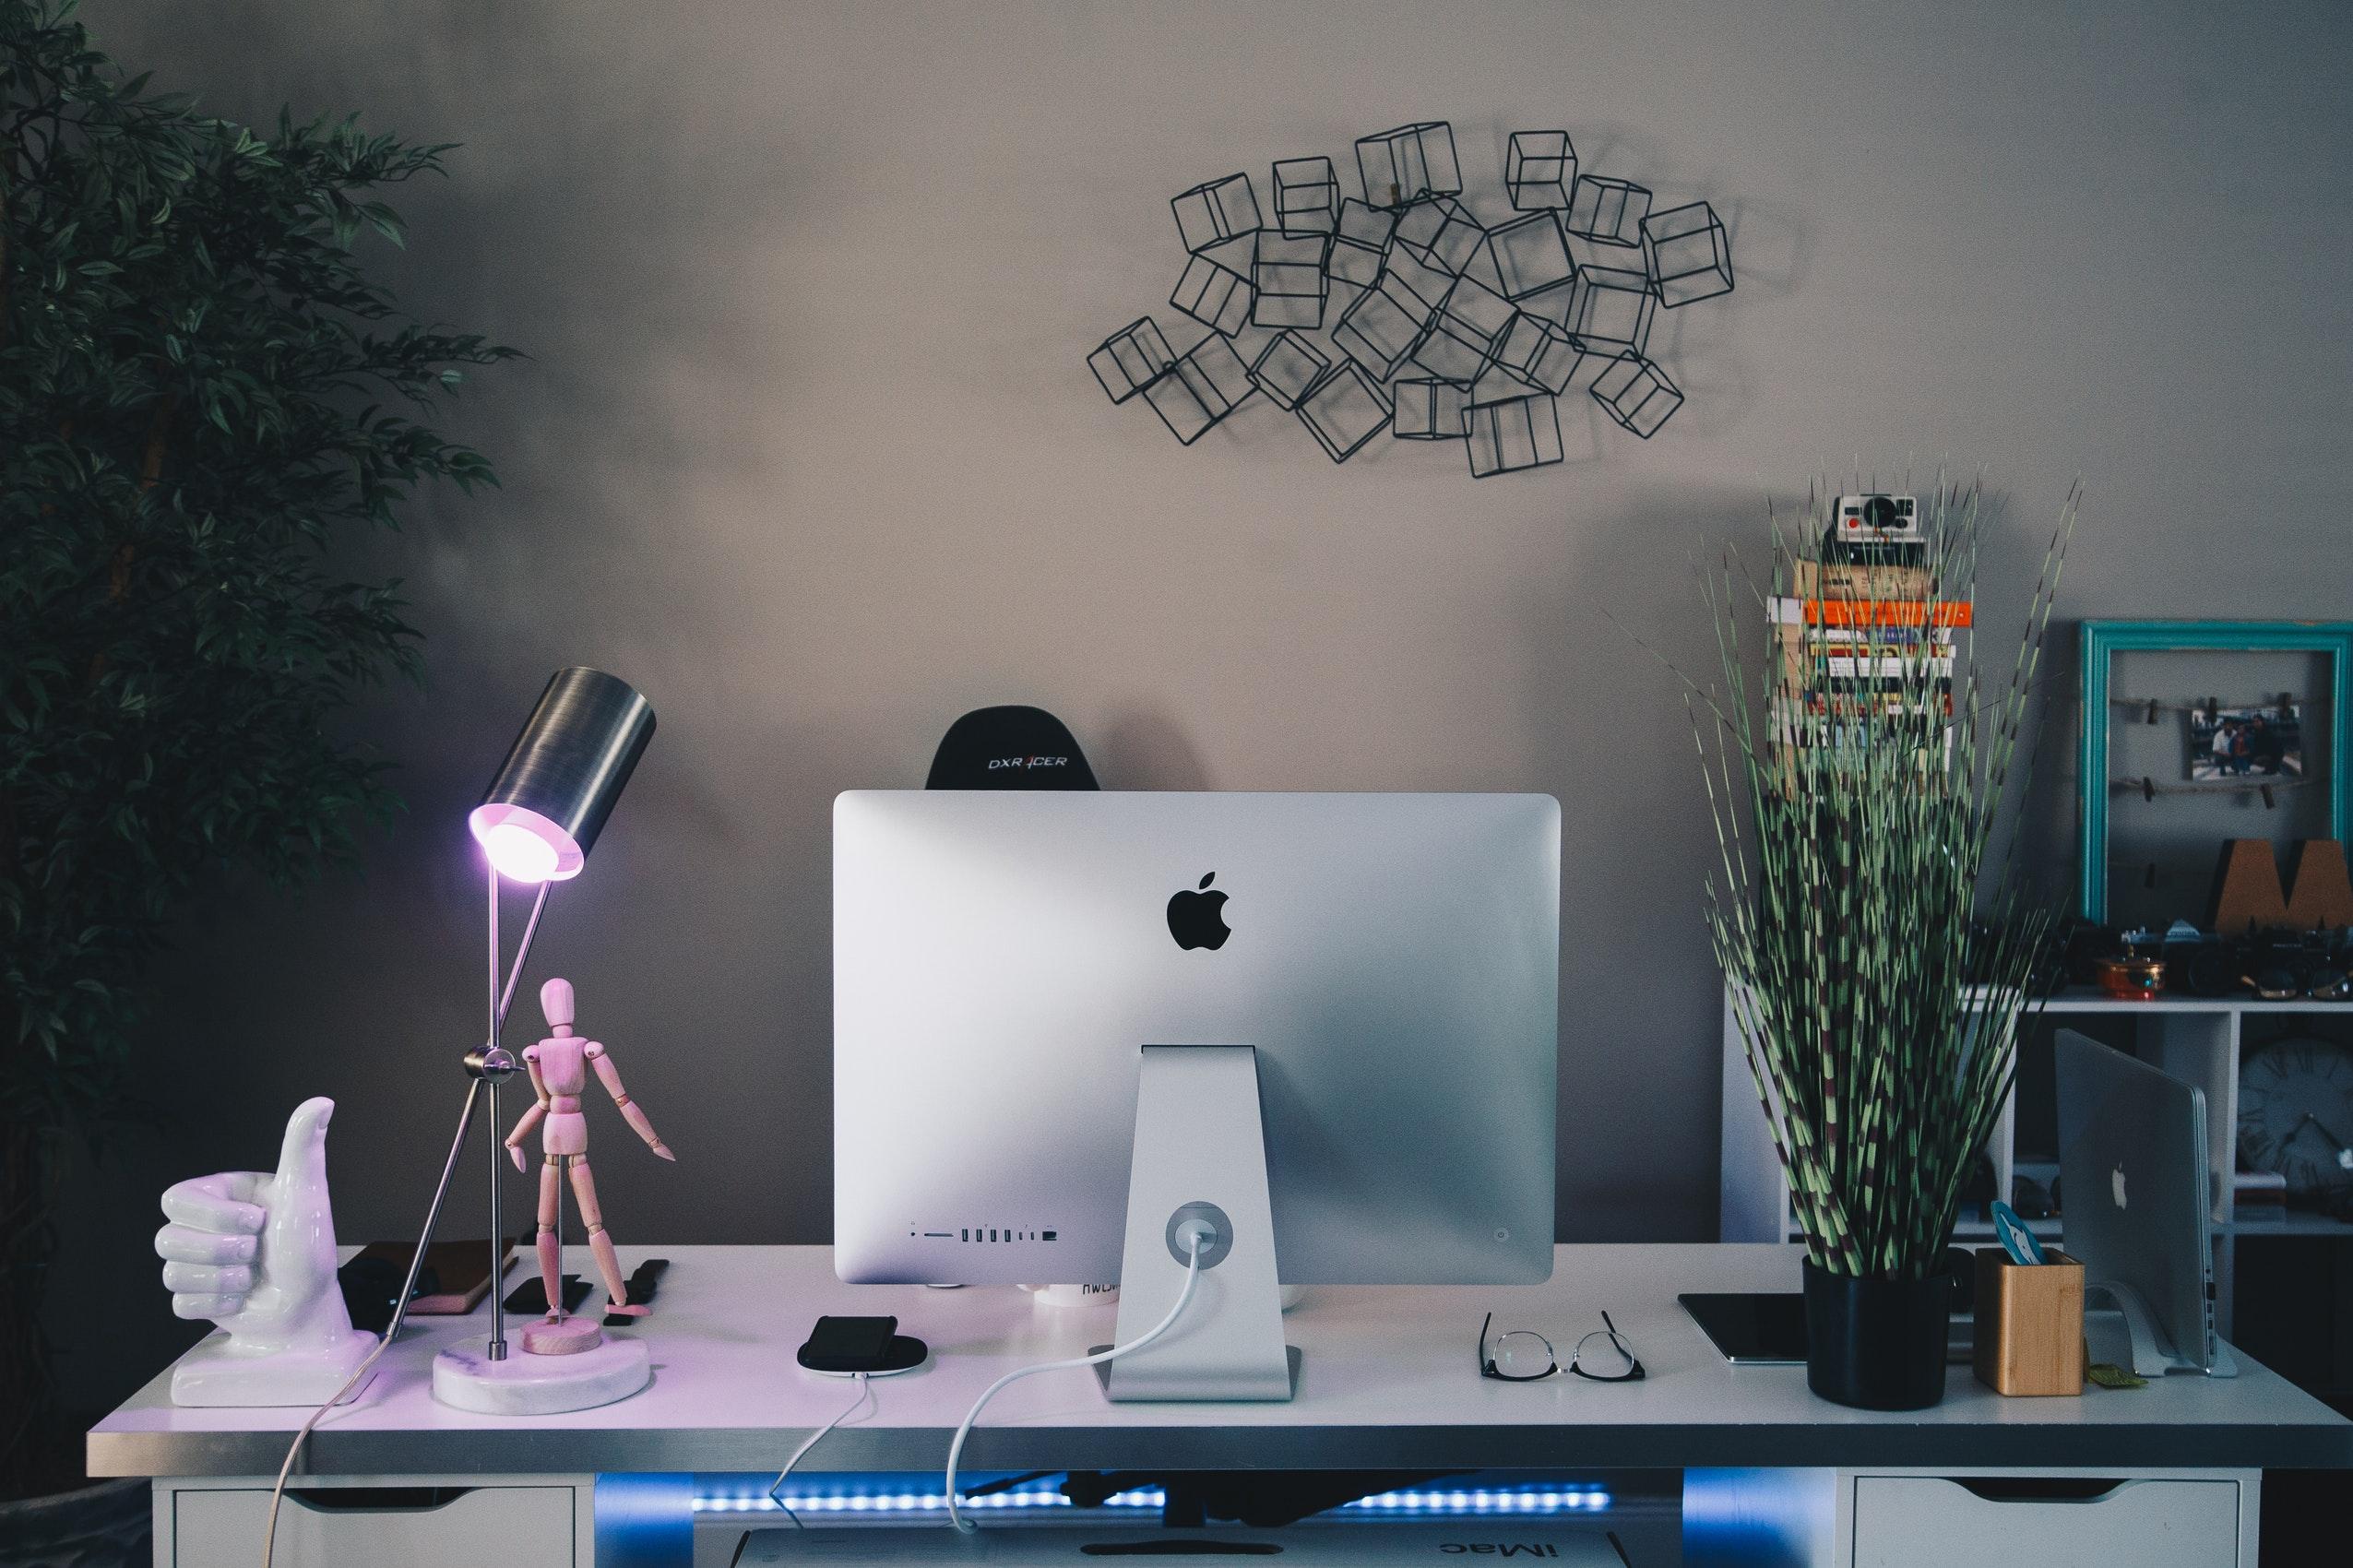 Дизайнер на удаленную работу требуется freelance for web designers